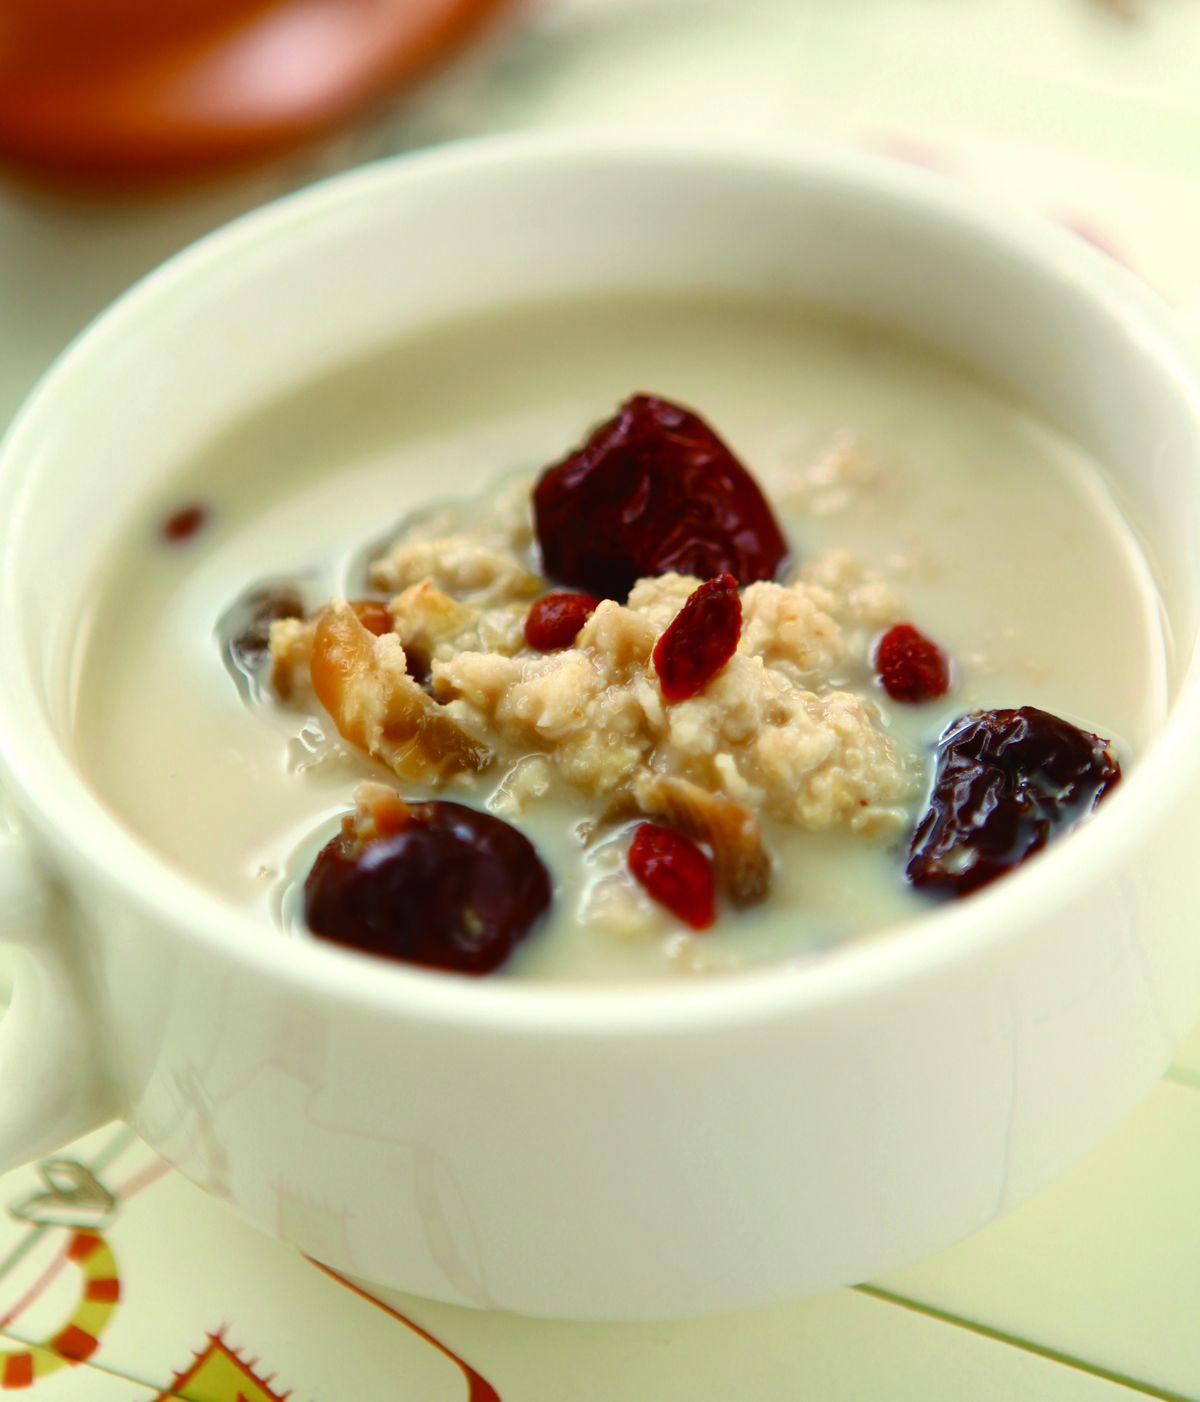 食譜:桂圓紅棗燕麥粥